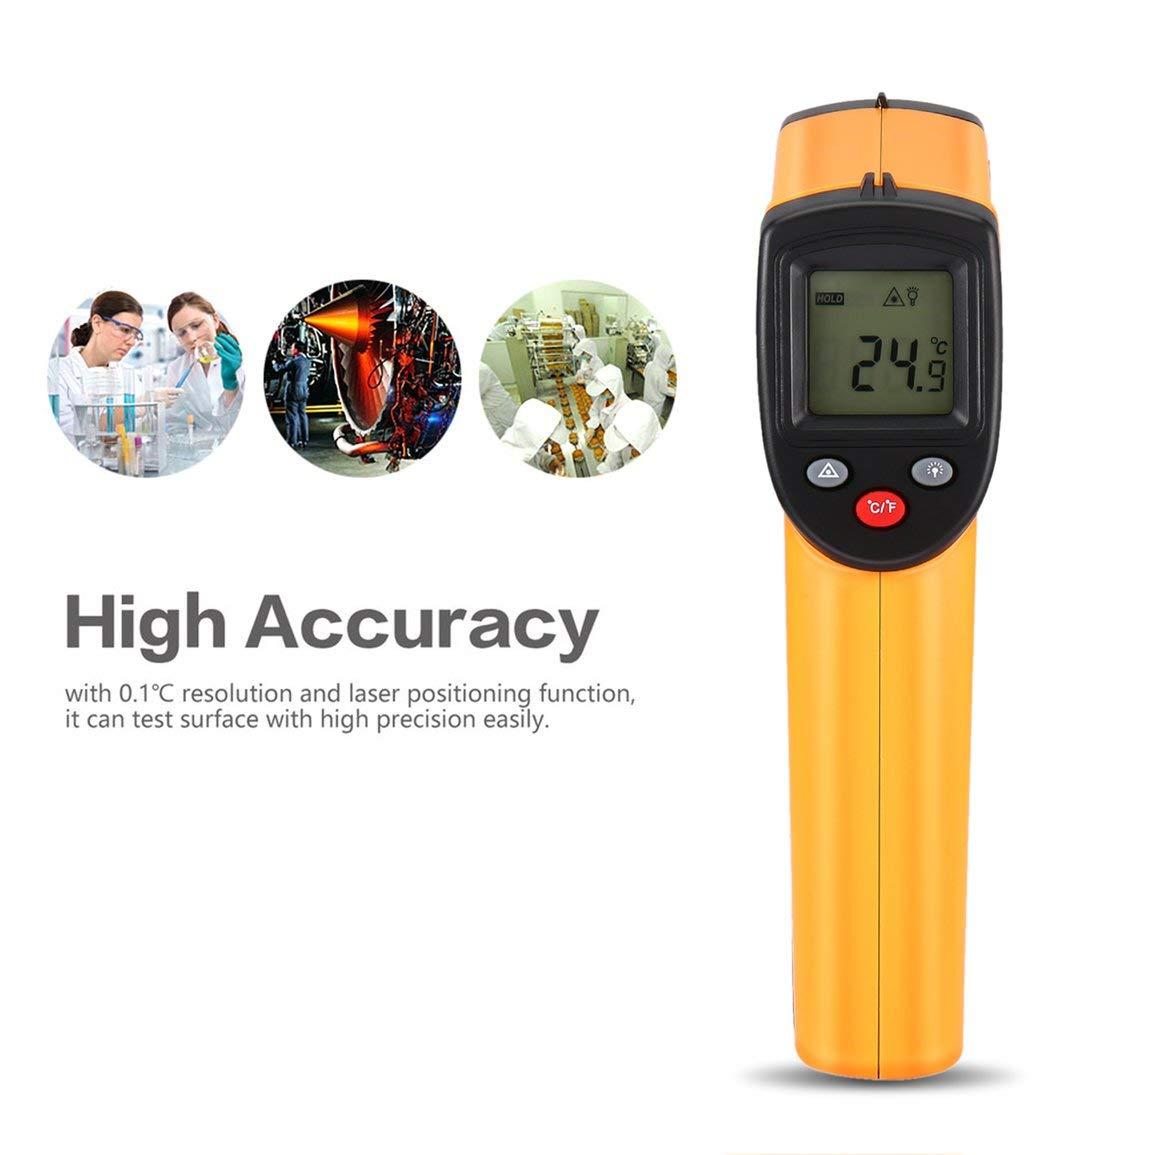 Thermom/ètre num/érique LCD sans contact infrarouge Pistolet laser infrarouge Thermom/ètre portable Pyrom/ètre couleur : jaune